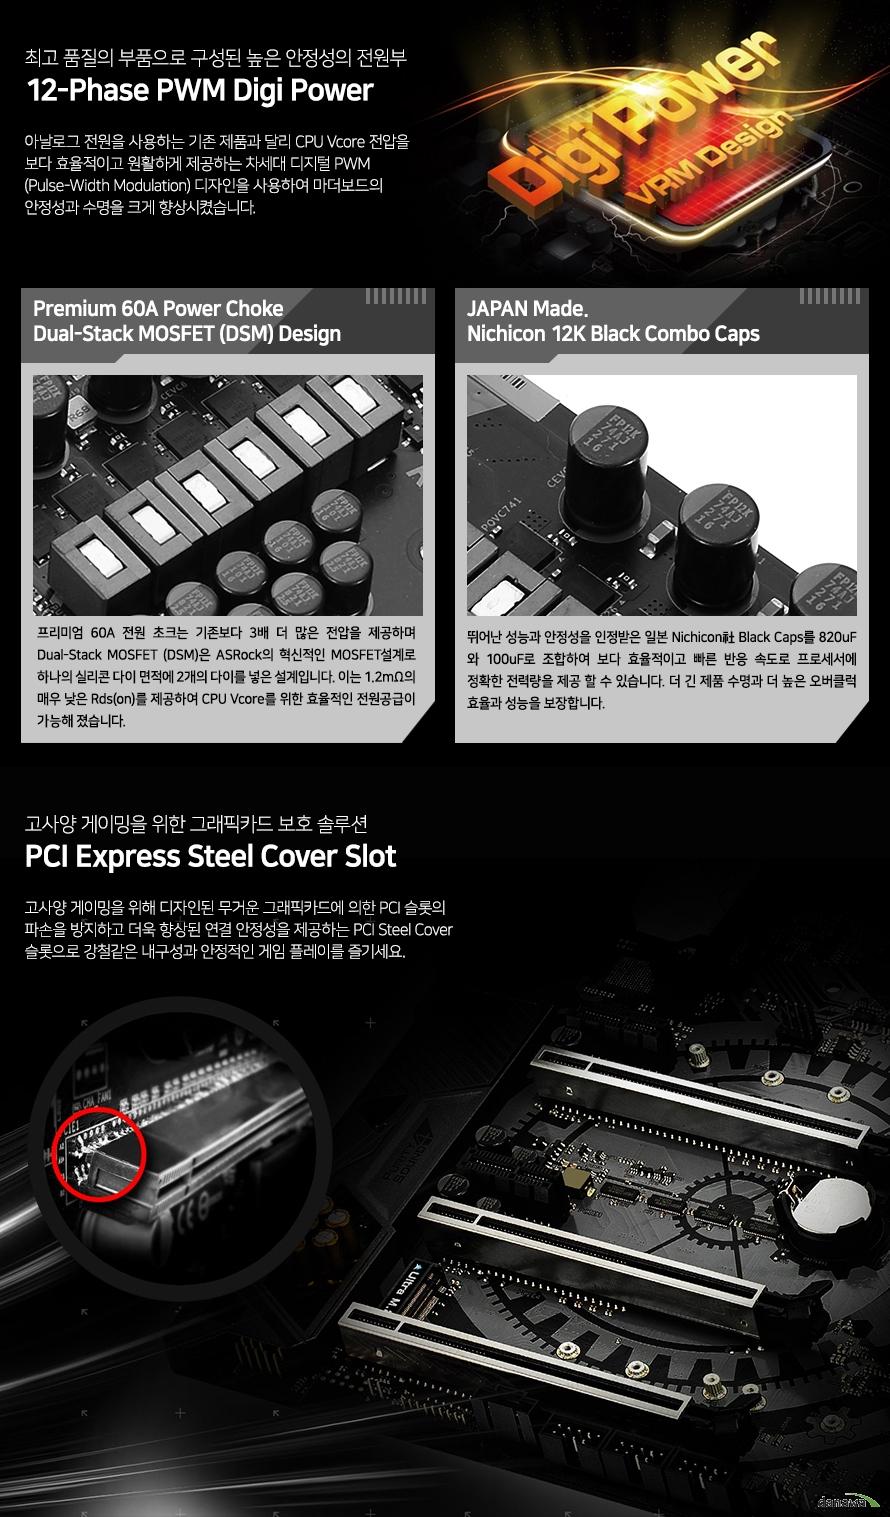 최고 품질의 부품으로 구성된 높은 안정성의 전원부            12페이즈 pwm 디지 파워                        아날로그 전원을 사용하는 기존 제품과 달리 cpu v코어 전압을            보다 효율적이고 원활하게 제공하는 차세대 디지털 pwm 디자인을 사용하여 마더보드의            안정성과 수명을 크게 향상 시켰습니다.                        프리미엄 60암페어 파워 초크             듀얼 스텍 모스펫 디자인                         프리미엄 60암페어 전원 초크는 기존보다 3배 더 많은 전압을 제공하며             듀얼 스택 모스펫은 애즈락의 혁신적인 모스펫 설계로 하나의 실리콘 다이 면적에            2개의 다이를 넣은 설계입니다. 이는 1.2미터옴의 매우 낮은 rds를 제공하며             cpu v코어를 위한 효율적인 전원공급이 가능해졌습니다.                        재팬 메이드 니치콘 12k 블랙 콤보 캡스                        뛰어난 안정성을 인정받은 일본 니치콘사 블랙 캡스를 820 마이크로패럿과            100마이크로패럿으로 조합하여 보다 효율적이고 빠른 반응 속도로 프로세서에 정확한            전력량을 제공 할 수 있습니다. 더 긴 제품 수명과 더 높은 오버클럭 효율과 성능을            보장합니다.                        고사양 게이밍을 위한 그래픽카드 보호 솔루션            pci익스프레스 스틸 커버 슬롯                        고사양 게이밍을 위해 디자인된 무거운 그래픽카드에 의한 pci 슬롯의 파손을 방지하고            더욱 향상된 연결 안정성을 제공하는 pci 스틸 커버 슬롯으로 강철같은 내구성과            안정적인 게임 플레이를 즐기세요.